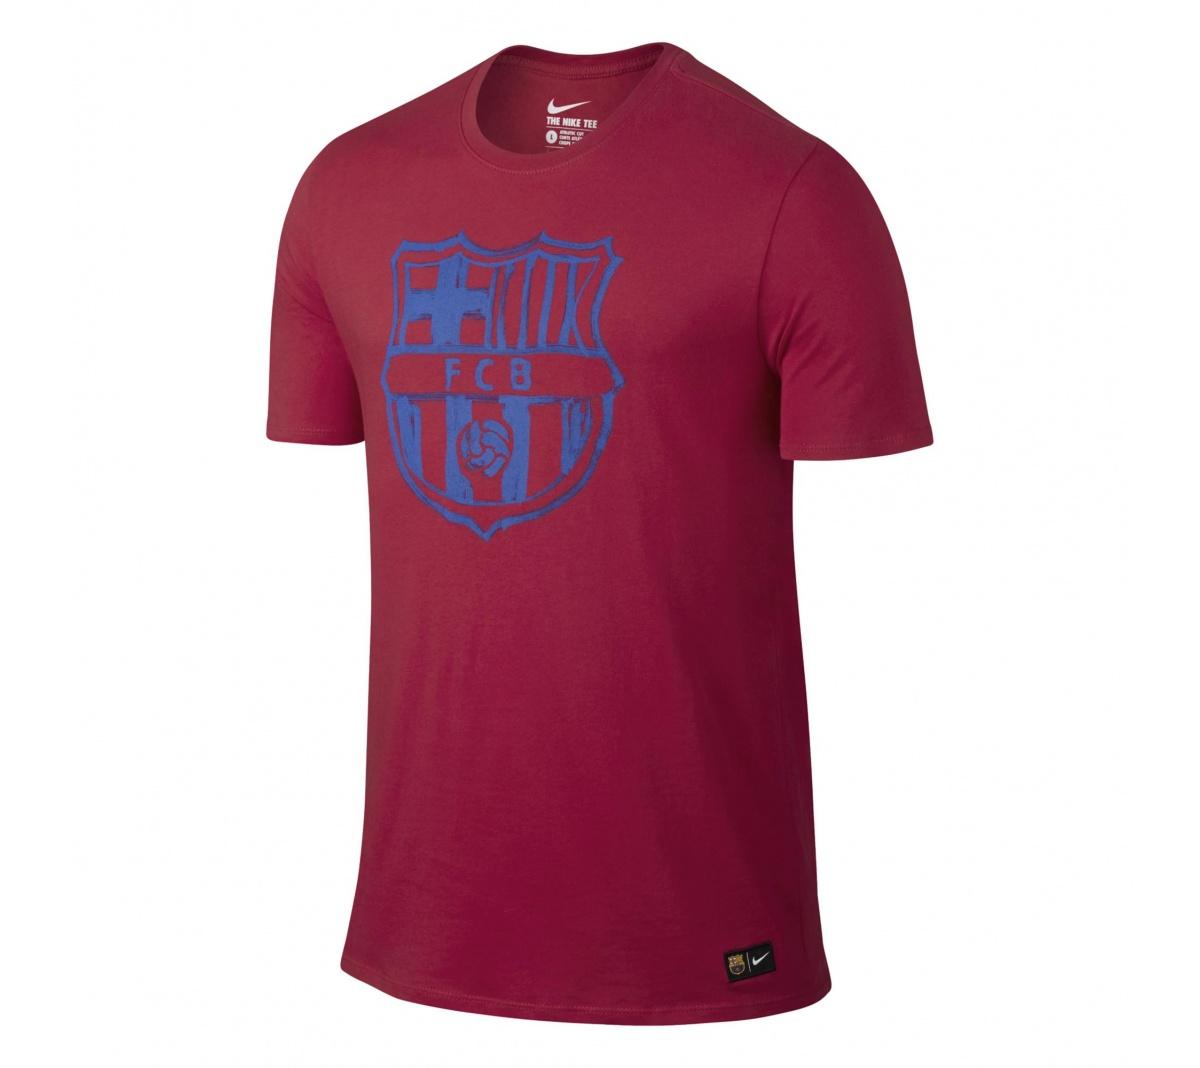 Camisa Nike Barcelona Crest Tee Viagem Infantil - Mundo do Futebol bb9bf25a001